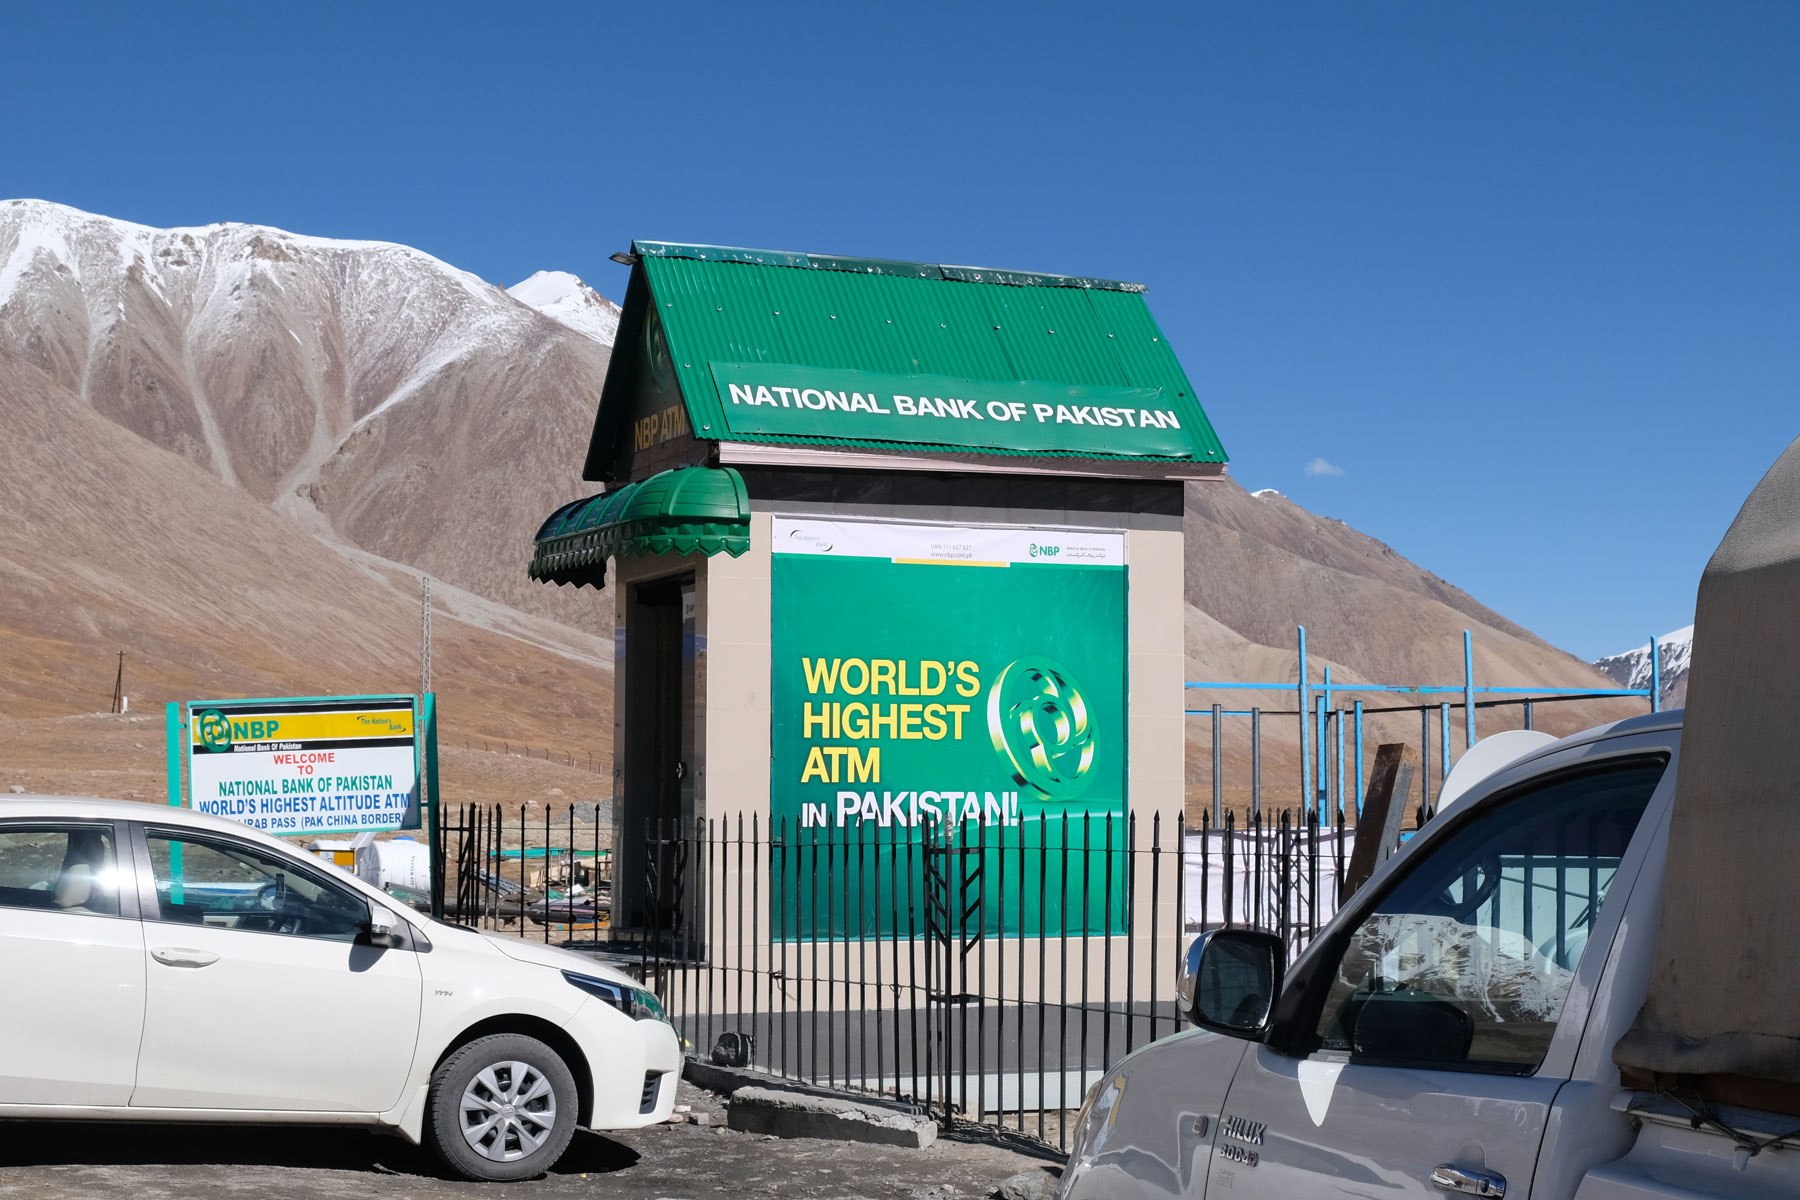 Wir passieren den welthöchsten Geldautomat, auf den die Pakistaner mächtig stolz sind